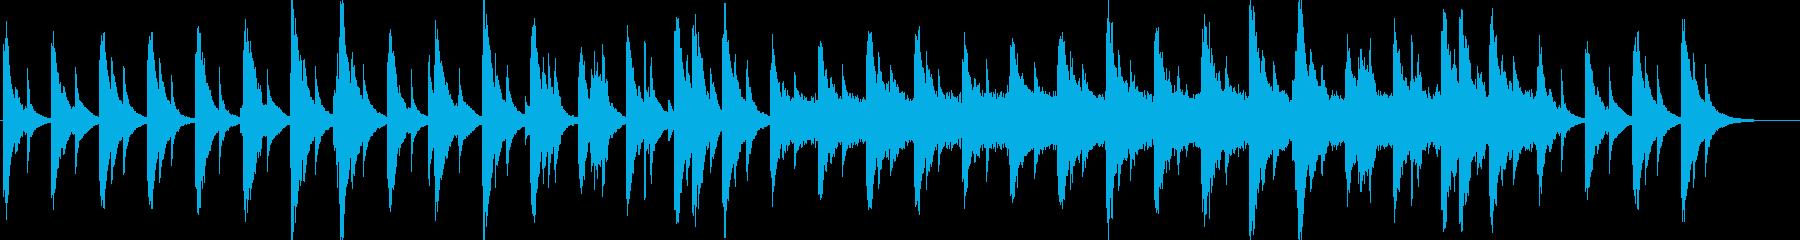 ハープシコードの悲しげな切ないメロディの再生済みの波形